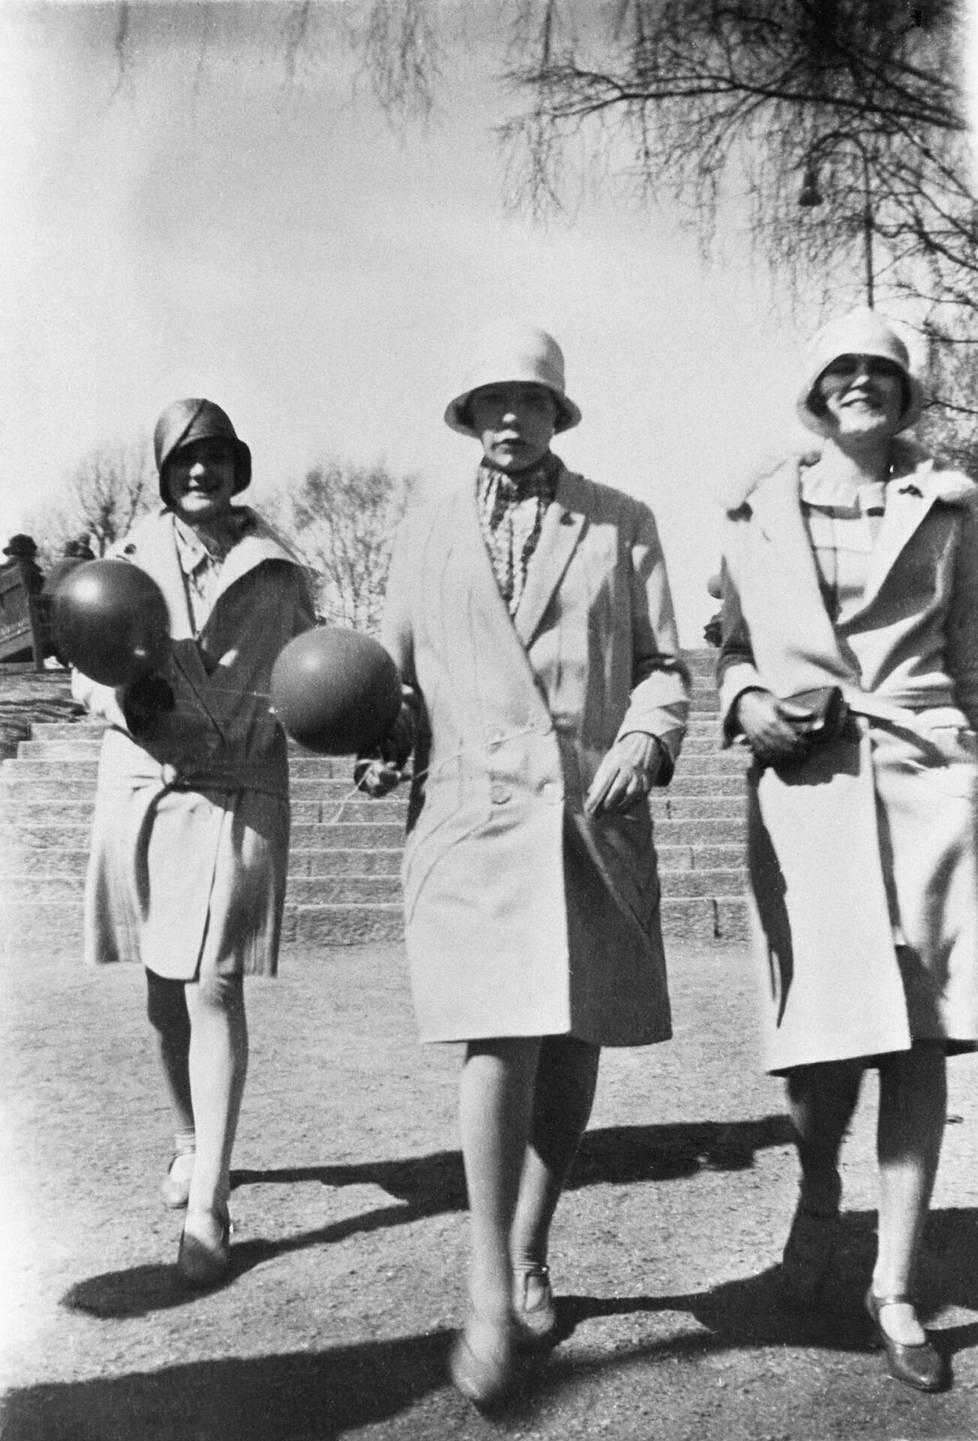 Kolme nuorta naista vappukävelyllä Kaivopuistossa vuonna 1928.